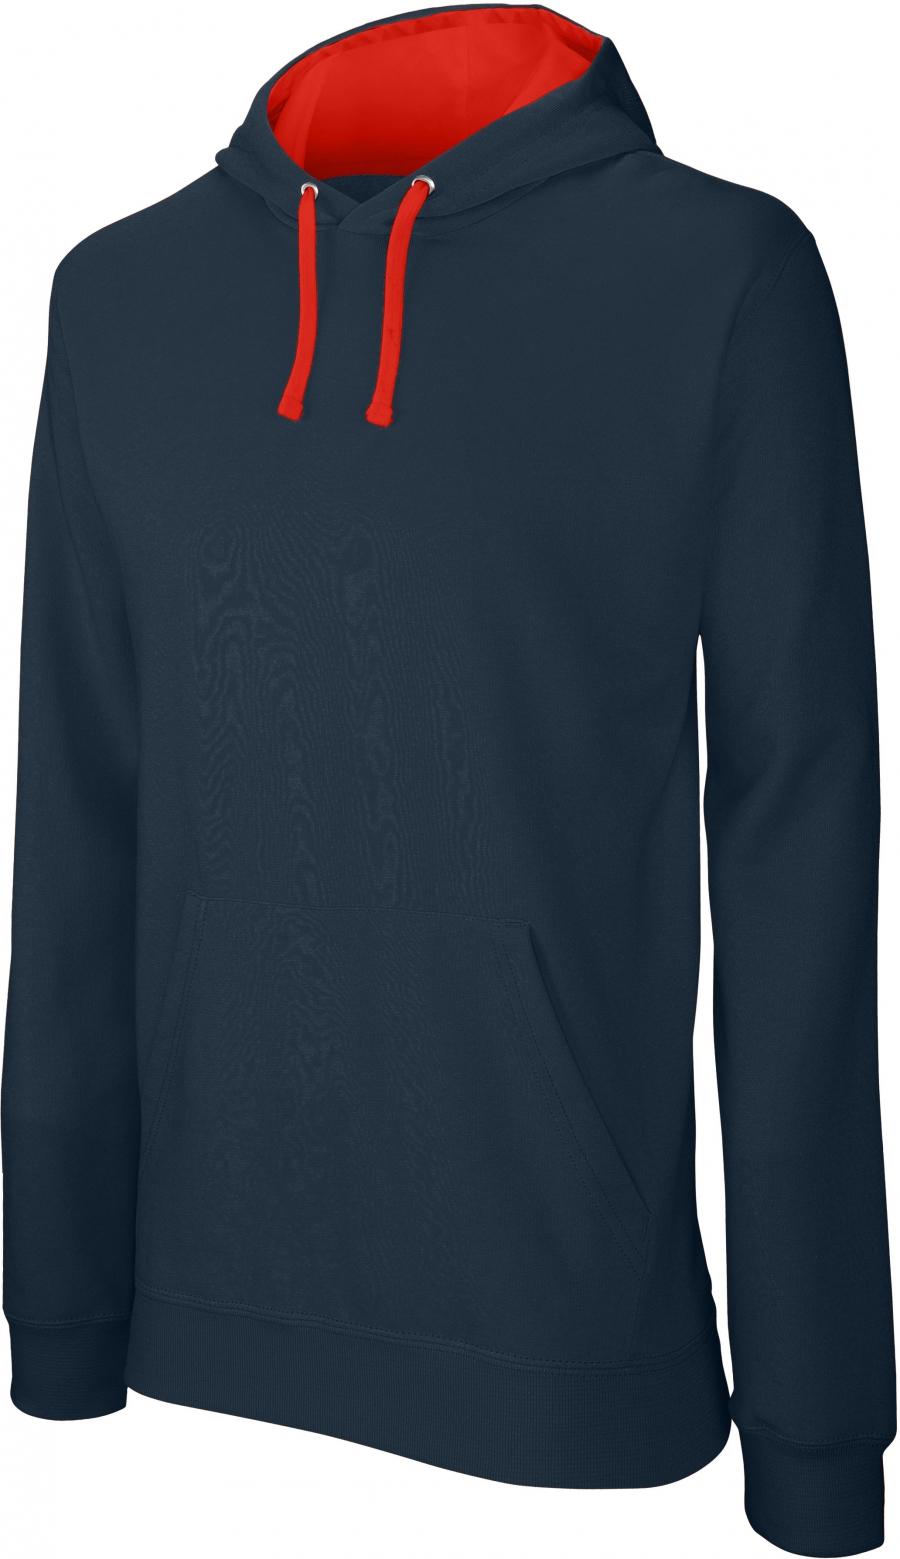 Sweat-shirt homme capuche contrastée - 2-1026-18